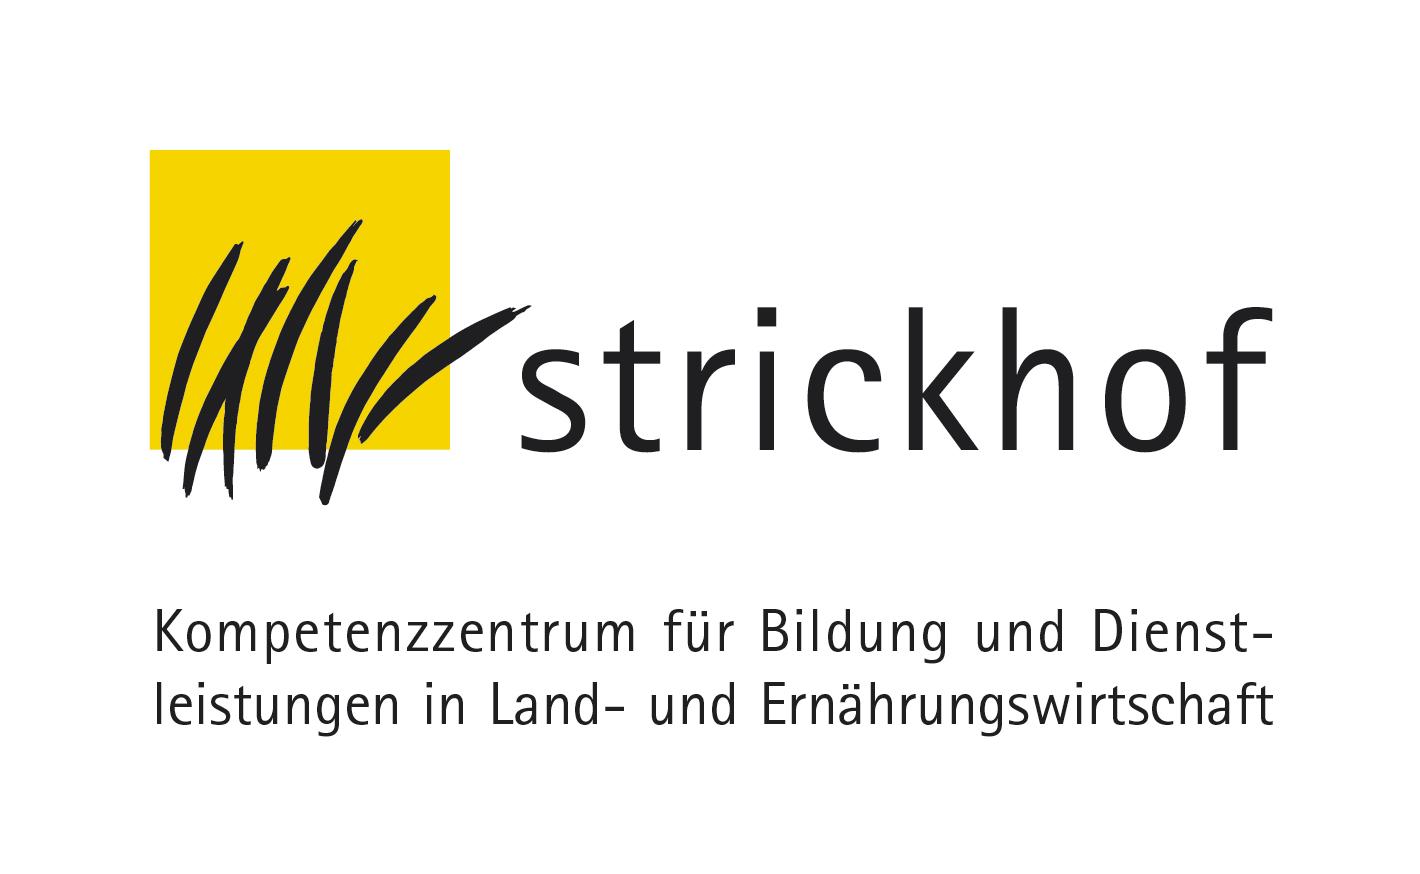 Logo Strickhof png